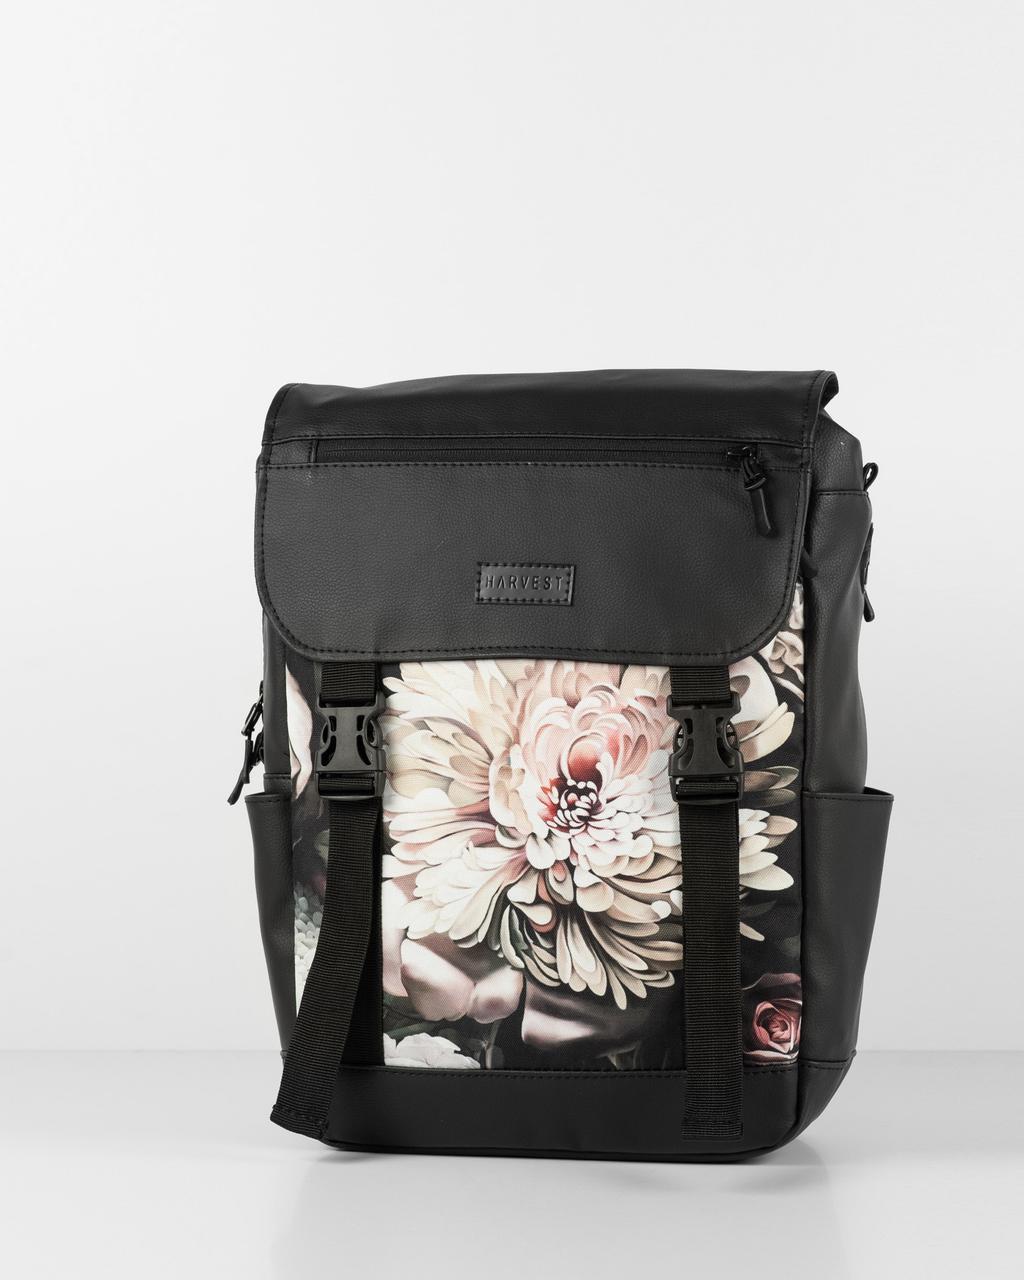 Жіночий рюкзак HARVEST UNIVERSAL MINI для ноутбука флорал Floral 42x28x12 см. 16 л. поліестр екошкіра